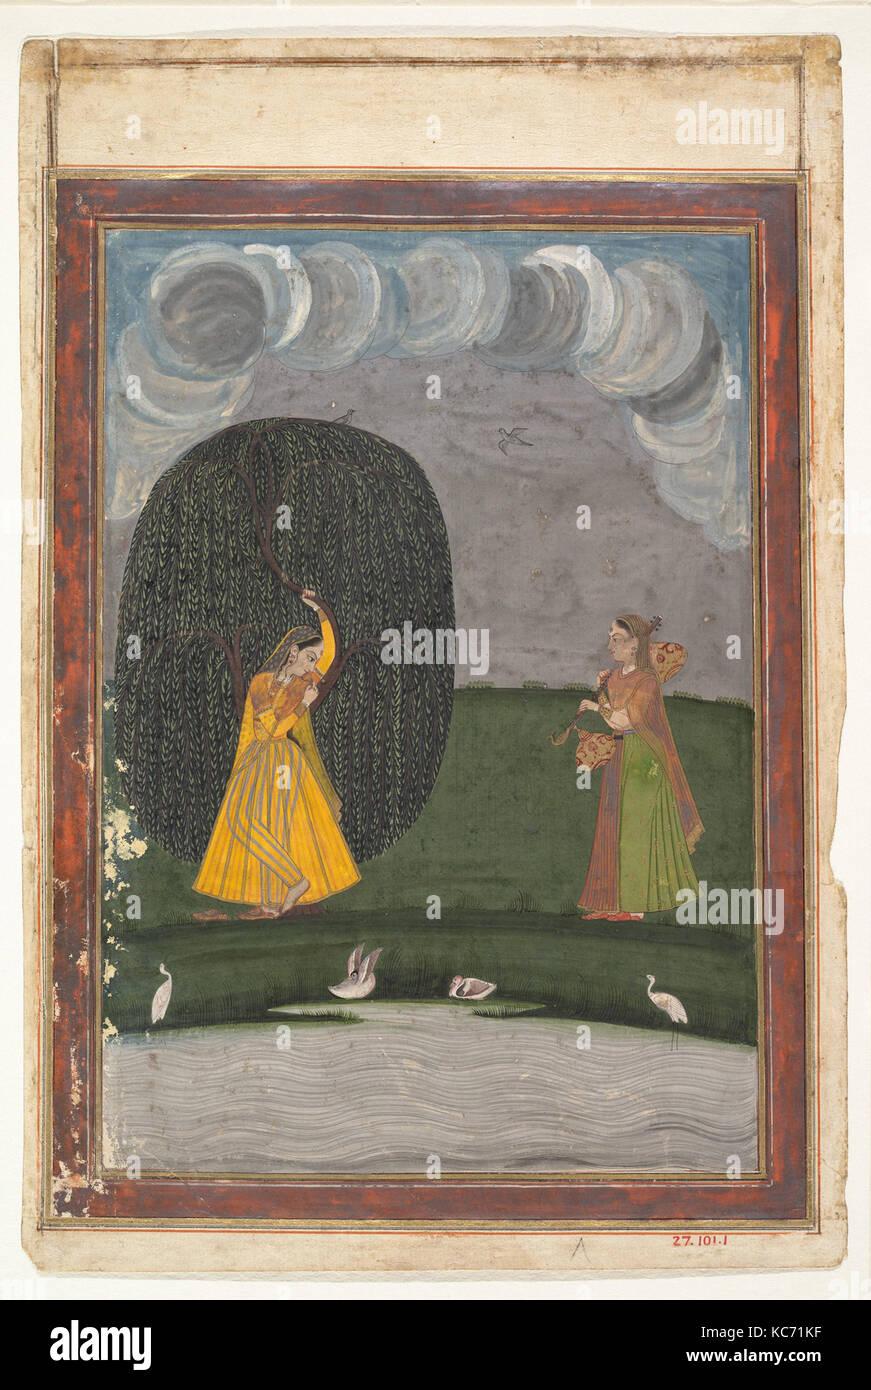 Illustration d'une série Ragamala (Guirlande de modes musicaux), fin du 18e siècle Photo Stock